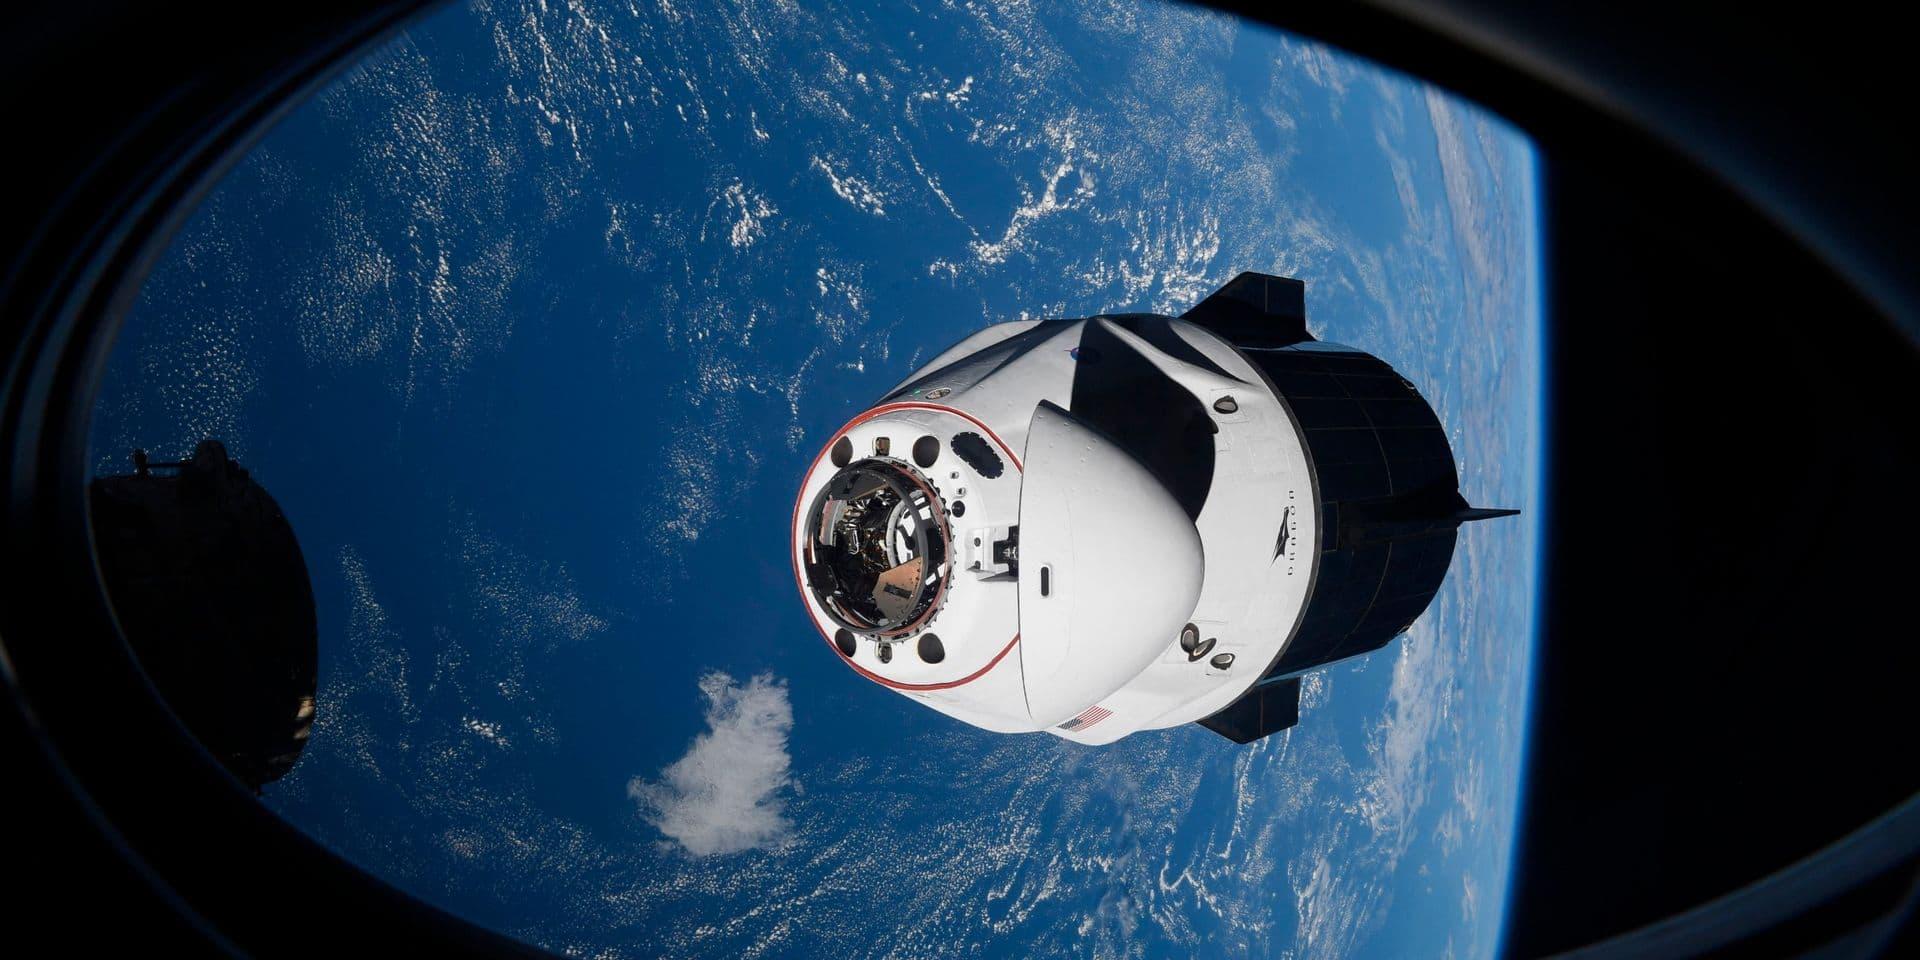 La Russie va tourner le premier film du monde dans l'espace en octobre prochain